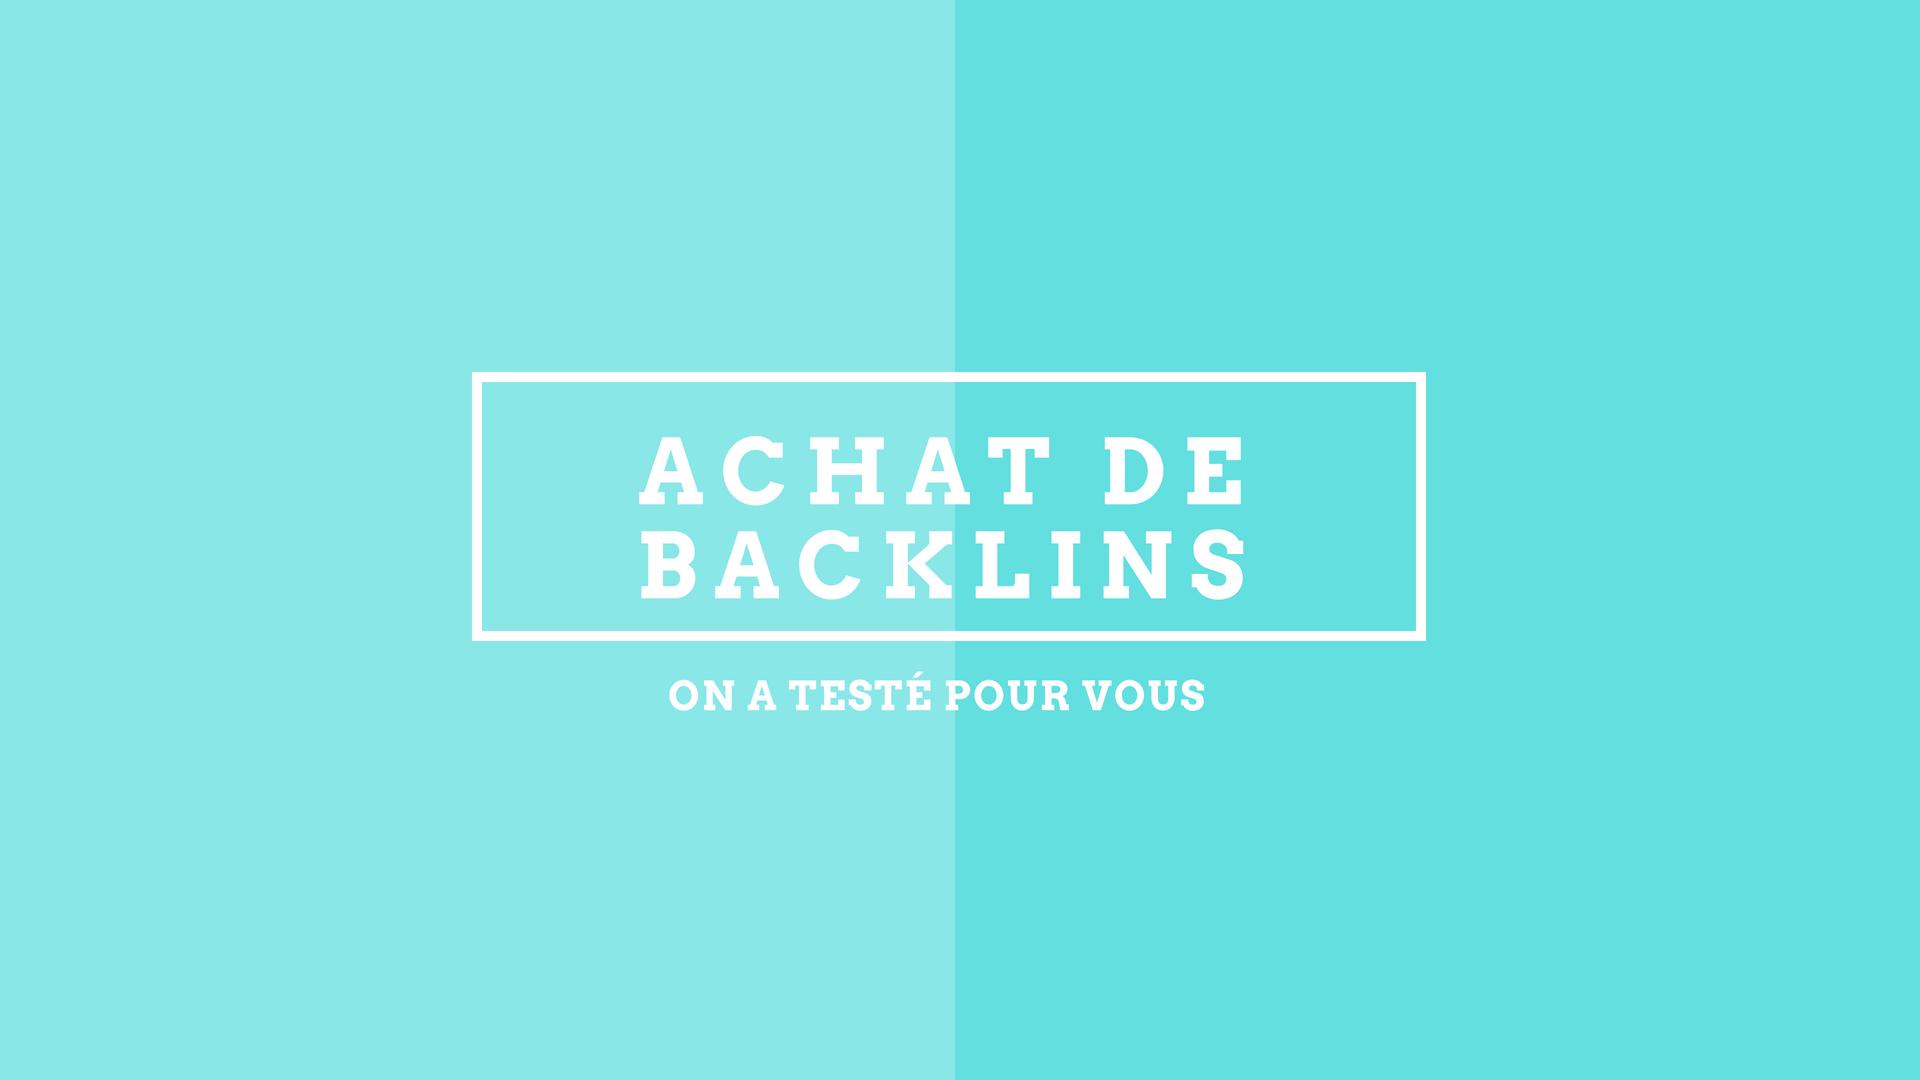 Achat de backlinks : on a testé pour vous